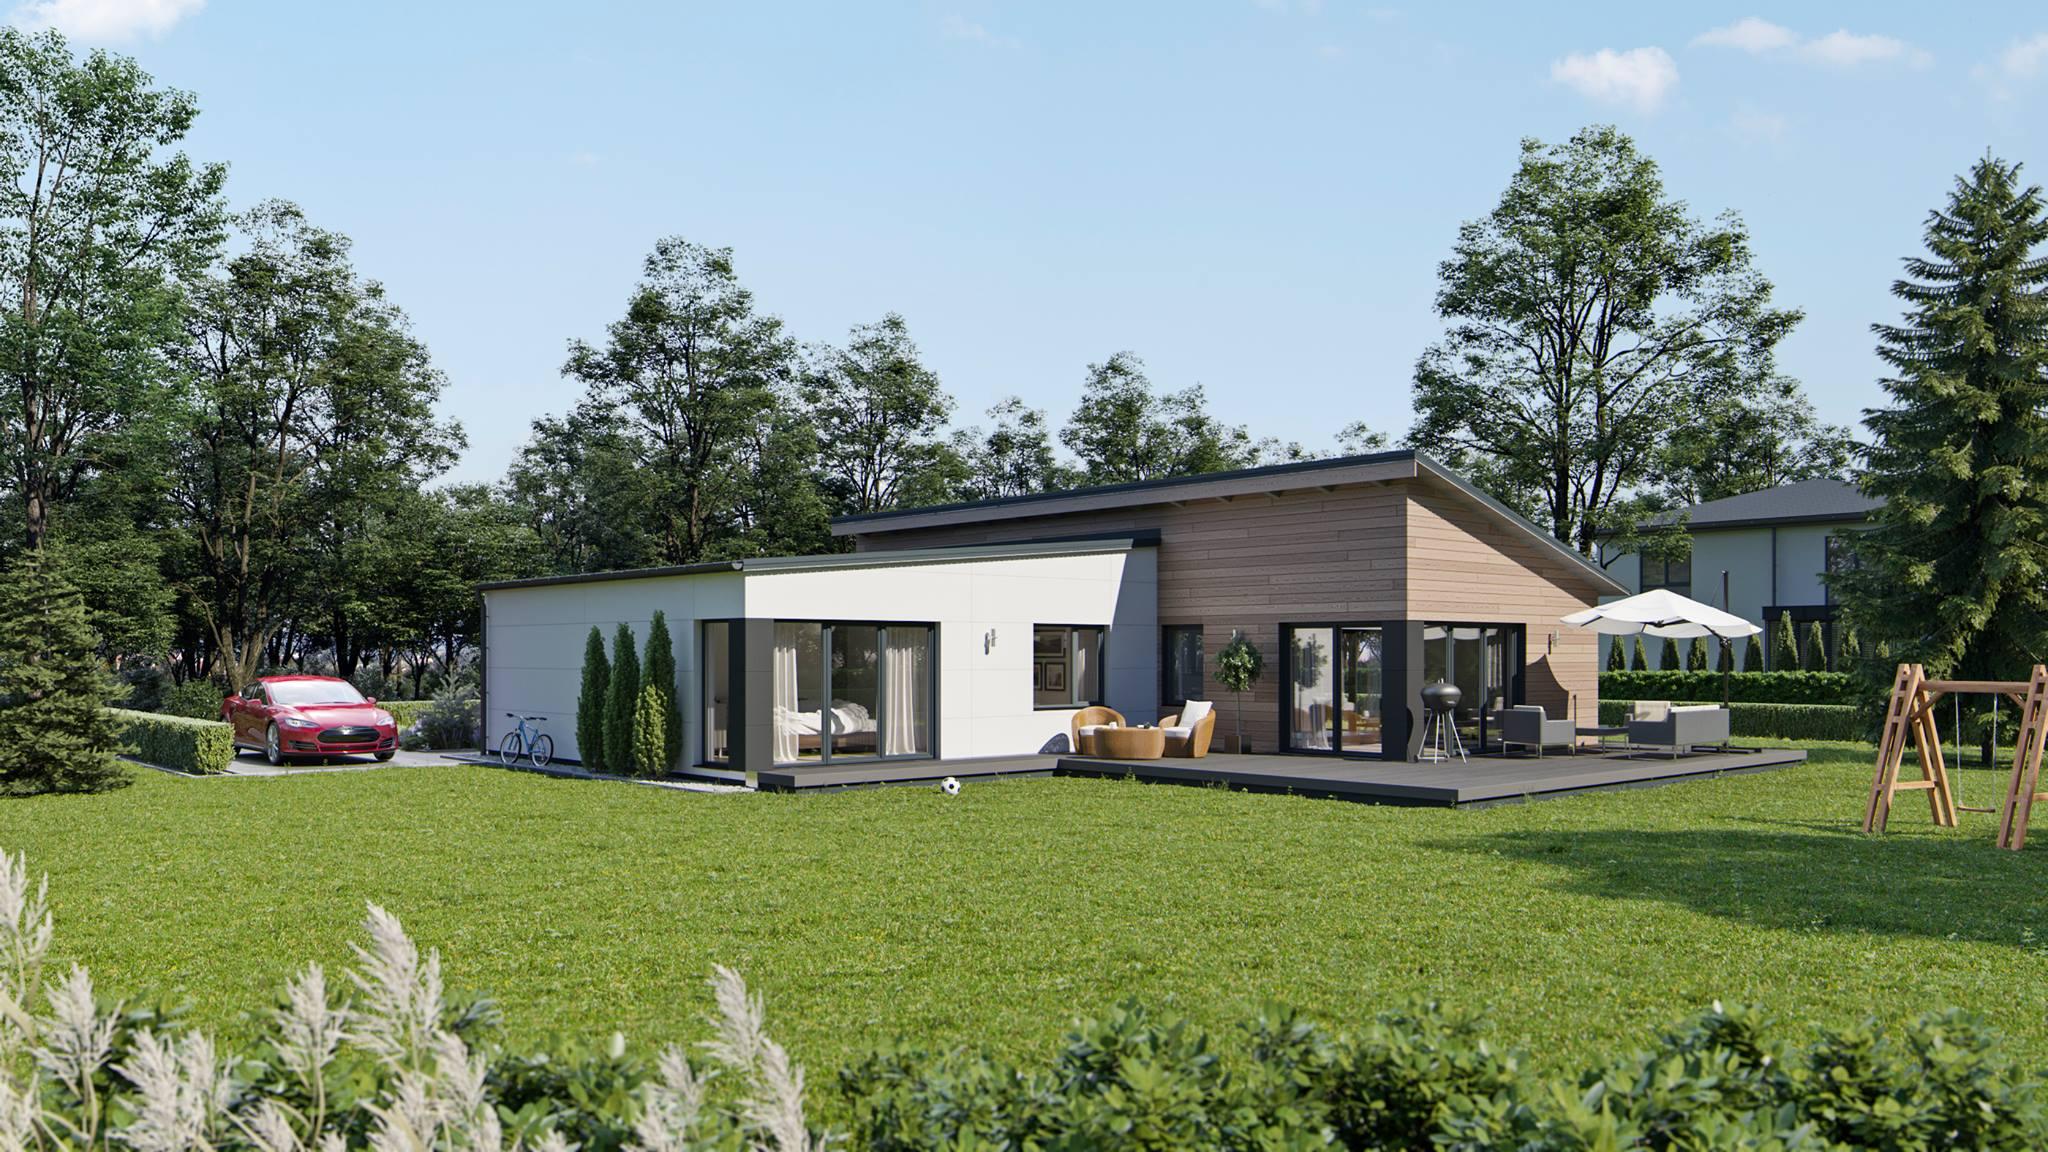 bungalow-haus-traumhaus-eigenheim